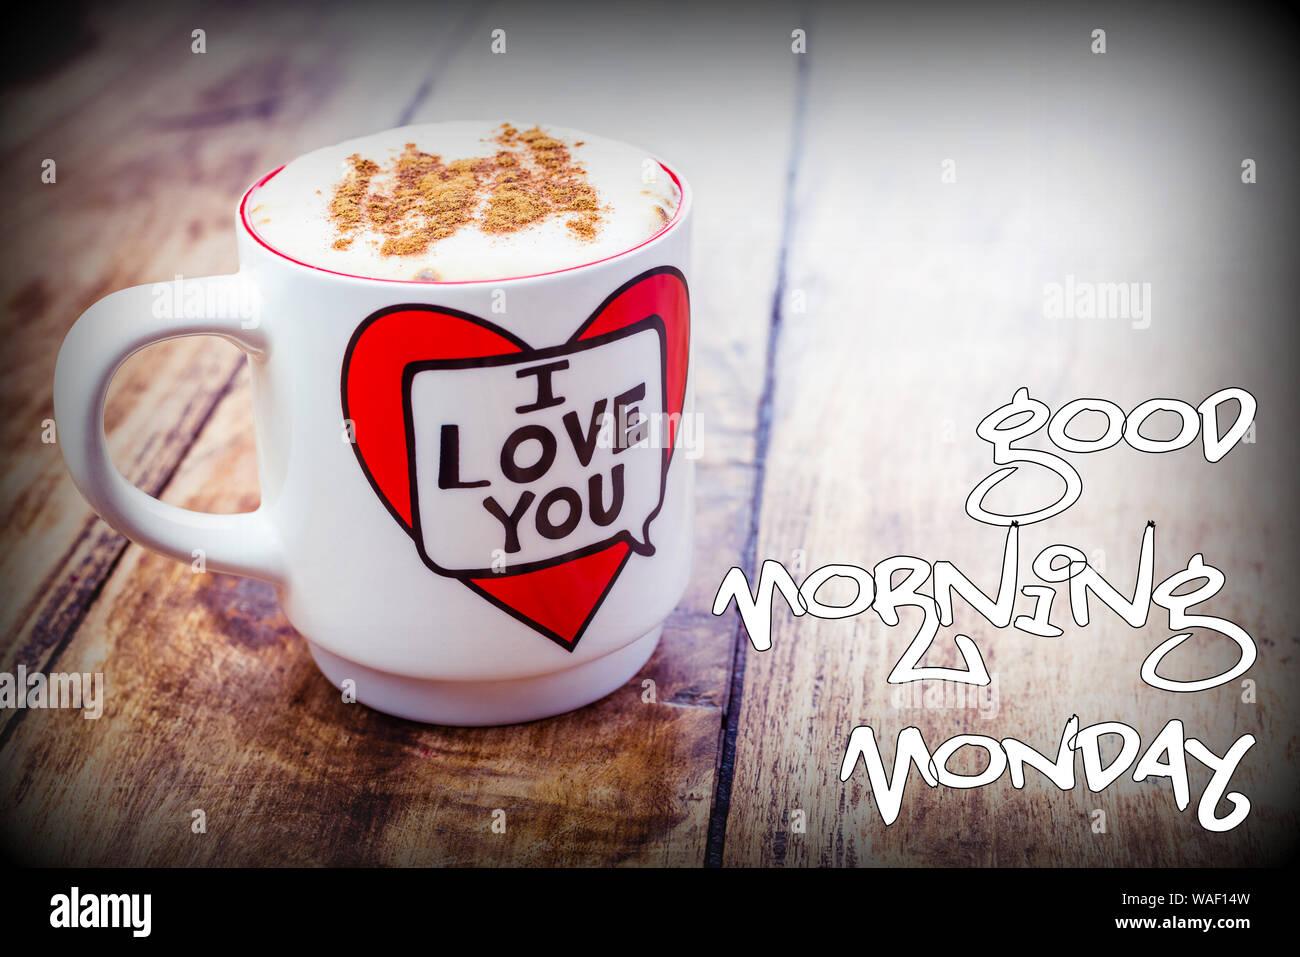 Guten Morgen Montag Guten Morgen Montag Bilder Kostenlos